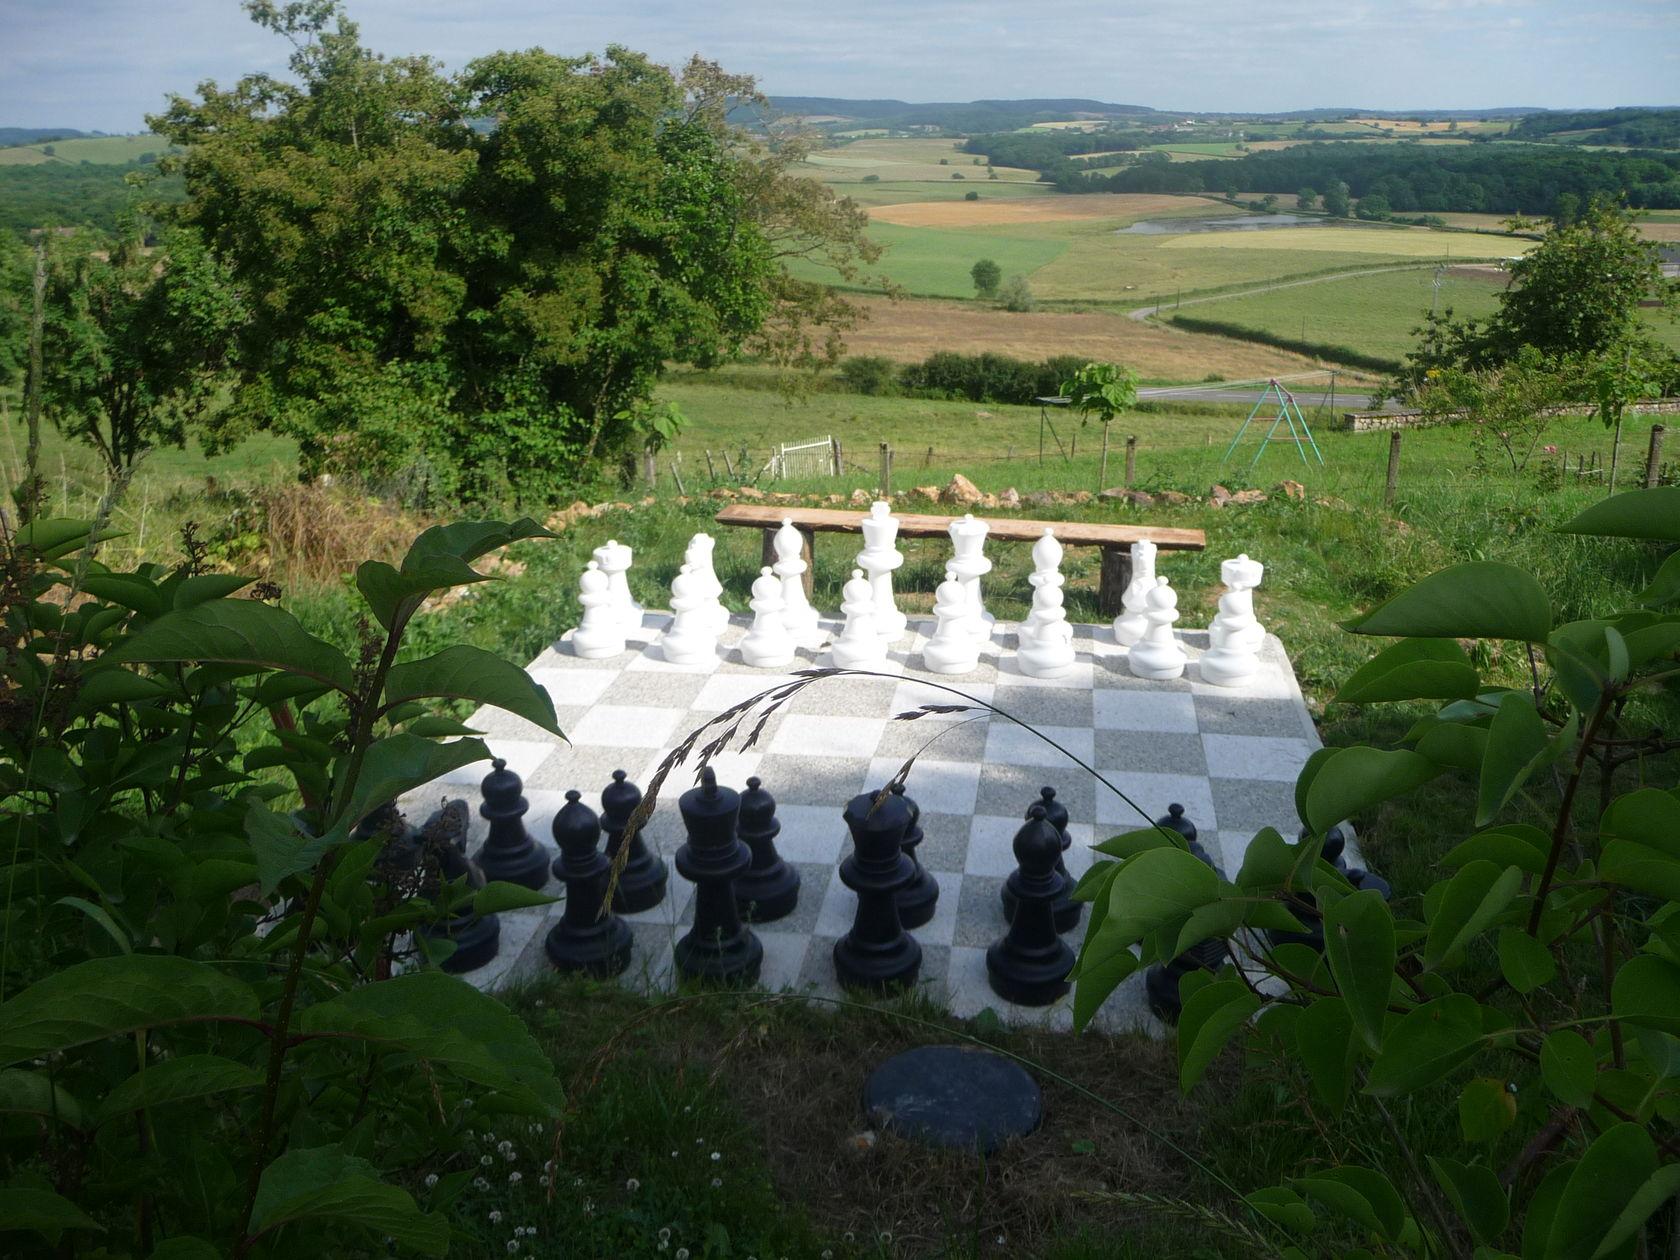 Bekijk vakantiehuis Villa Belvedere in Nièvre - Bourgogne - Gites.nl